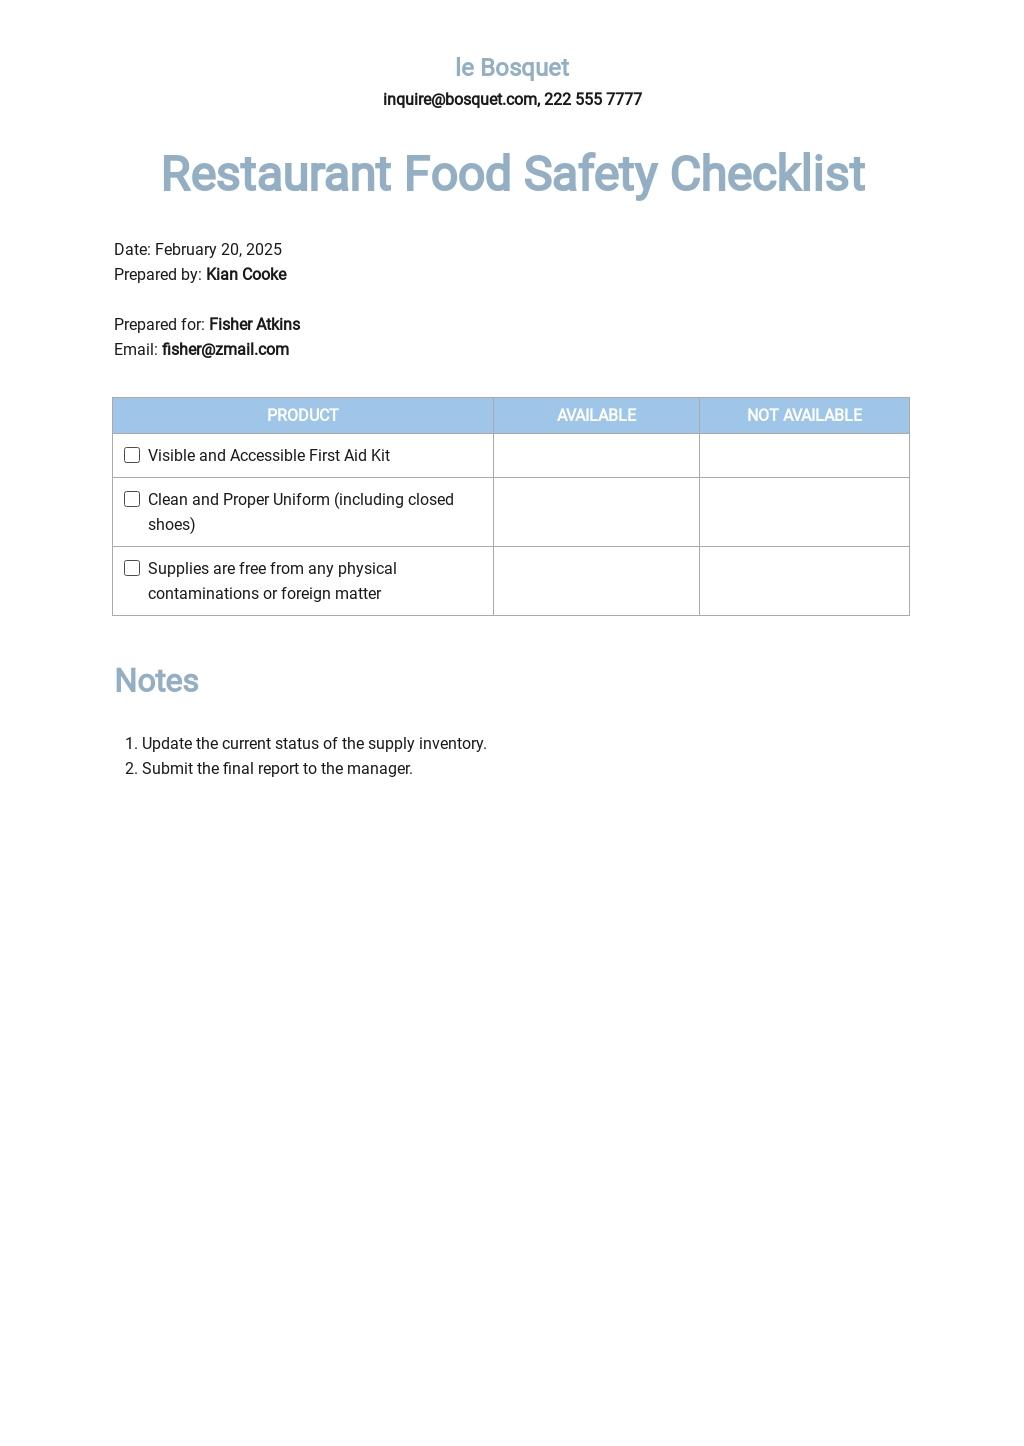 Restaurant Food Safety Checklist Template.jpe